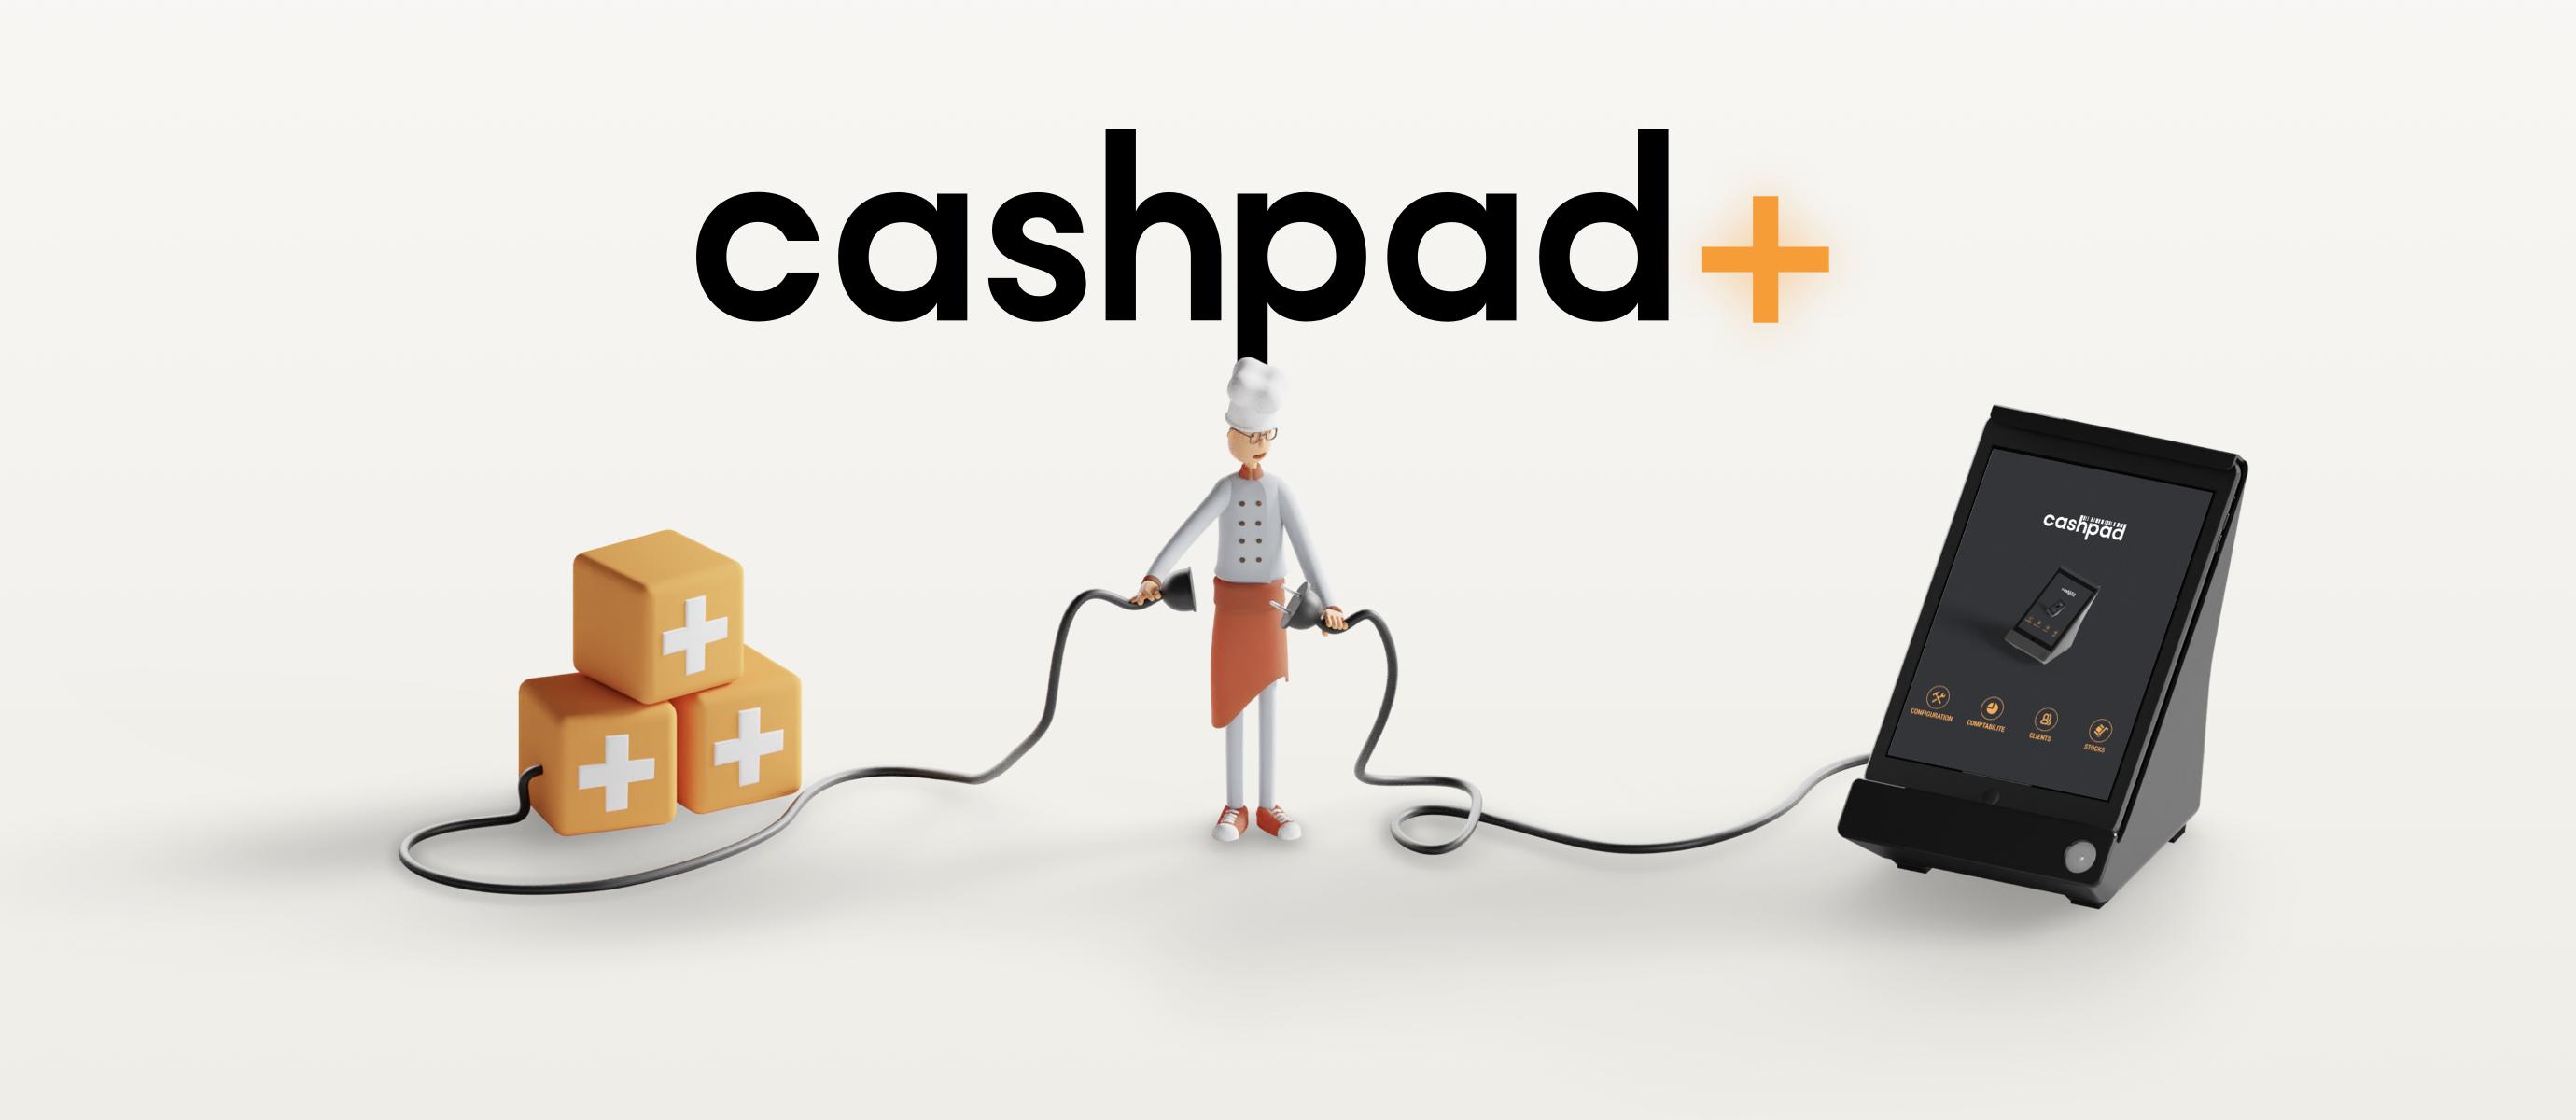 Après des mois de travail nous sommes heureux d'annoncer Cashpad +. Un plus à l'offre Cashpad, une brique supplémentaire importante qui répond aux nouveaux enjeux de votre établissement. Le monde de la restauration évolue, et nous faisons évoluer notre système de Caisse avec l'air du temps.